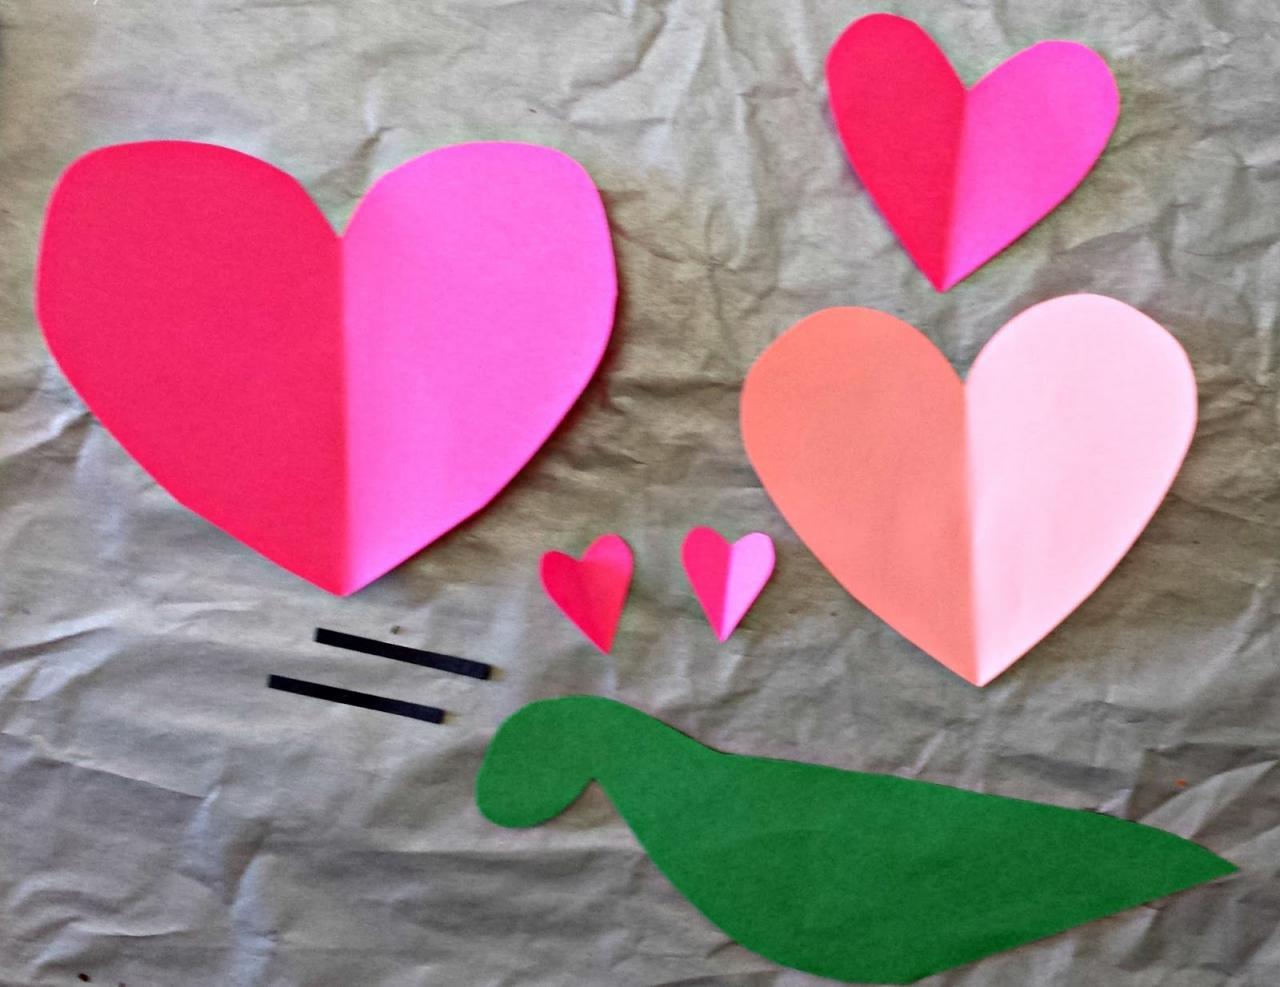 صورة كيف تصنع هدية من الورق , اسهل واسرع الهدايا 3562